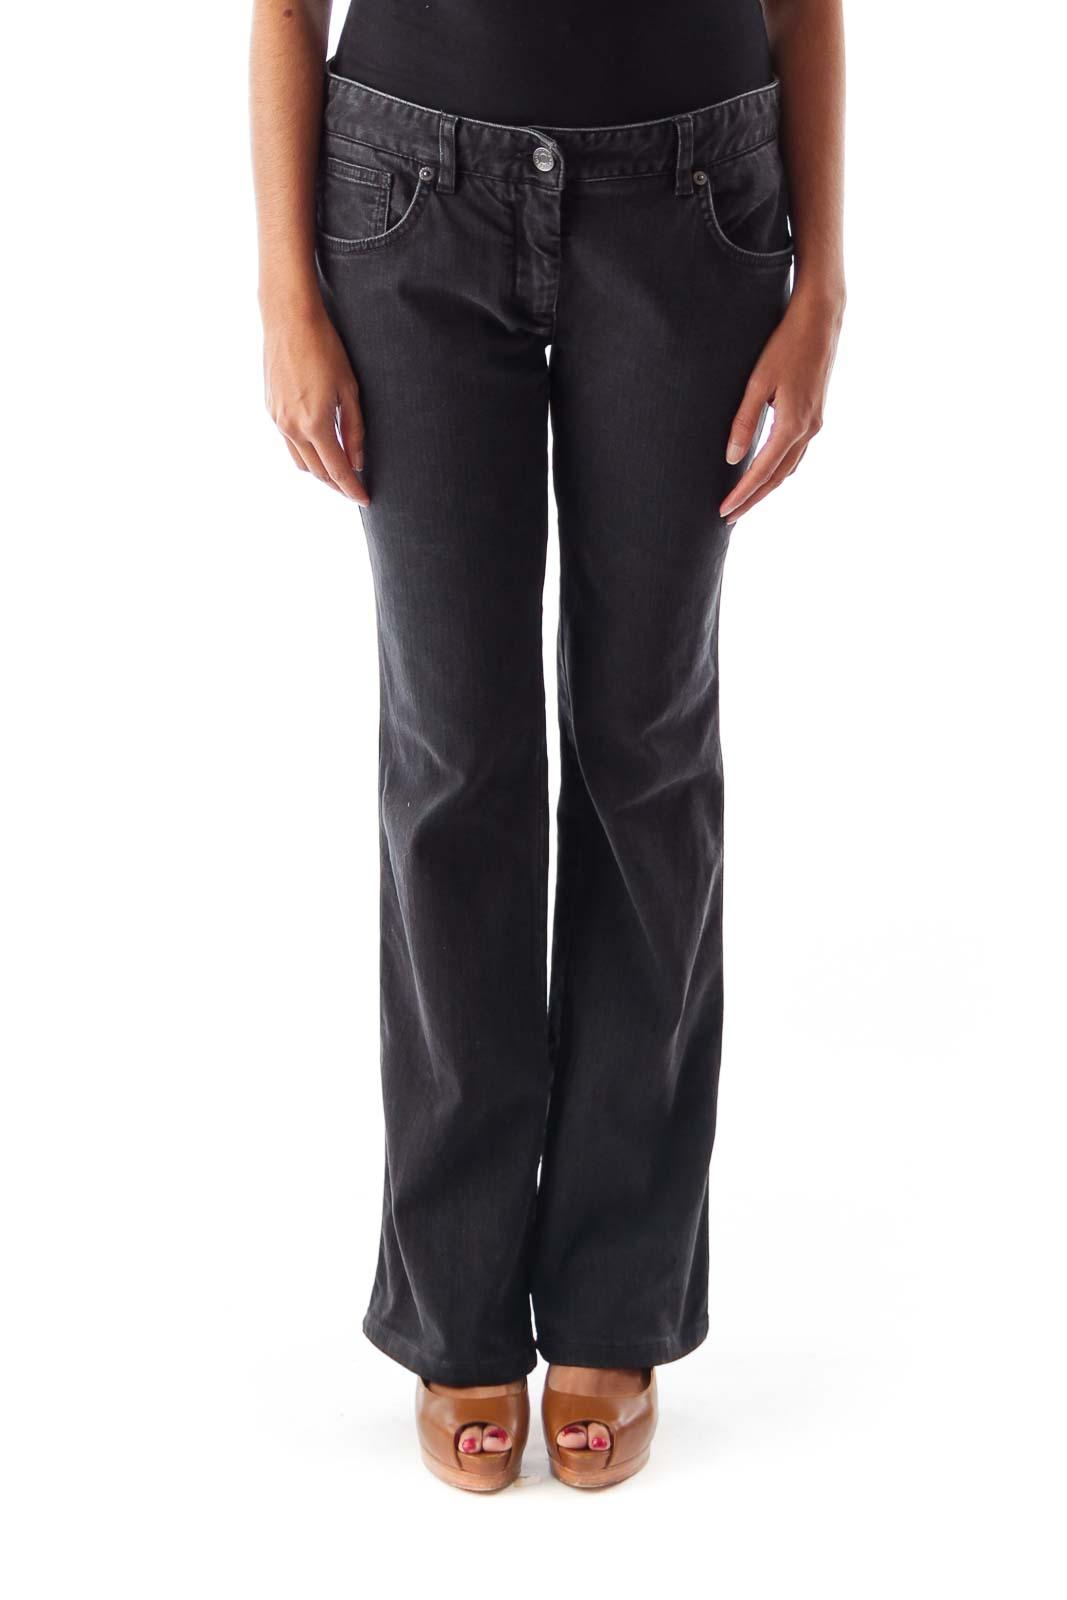 Black Flare Denim Pants Front